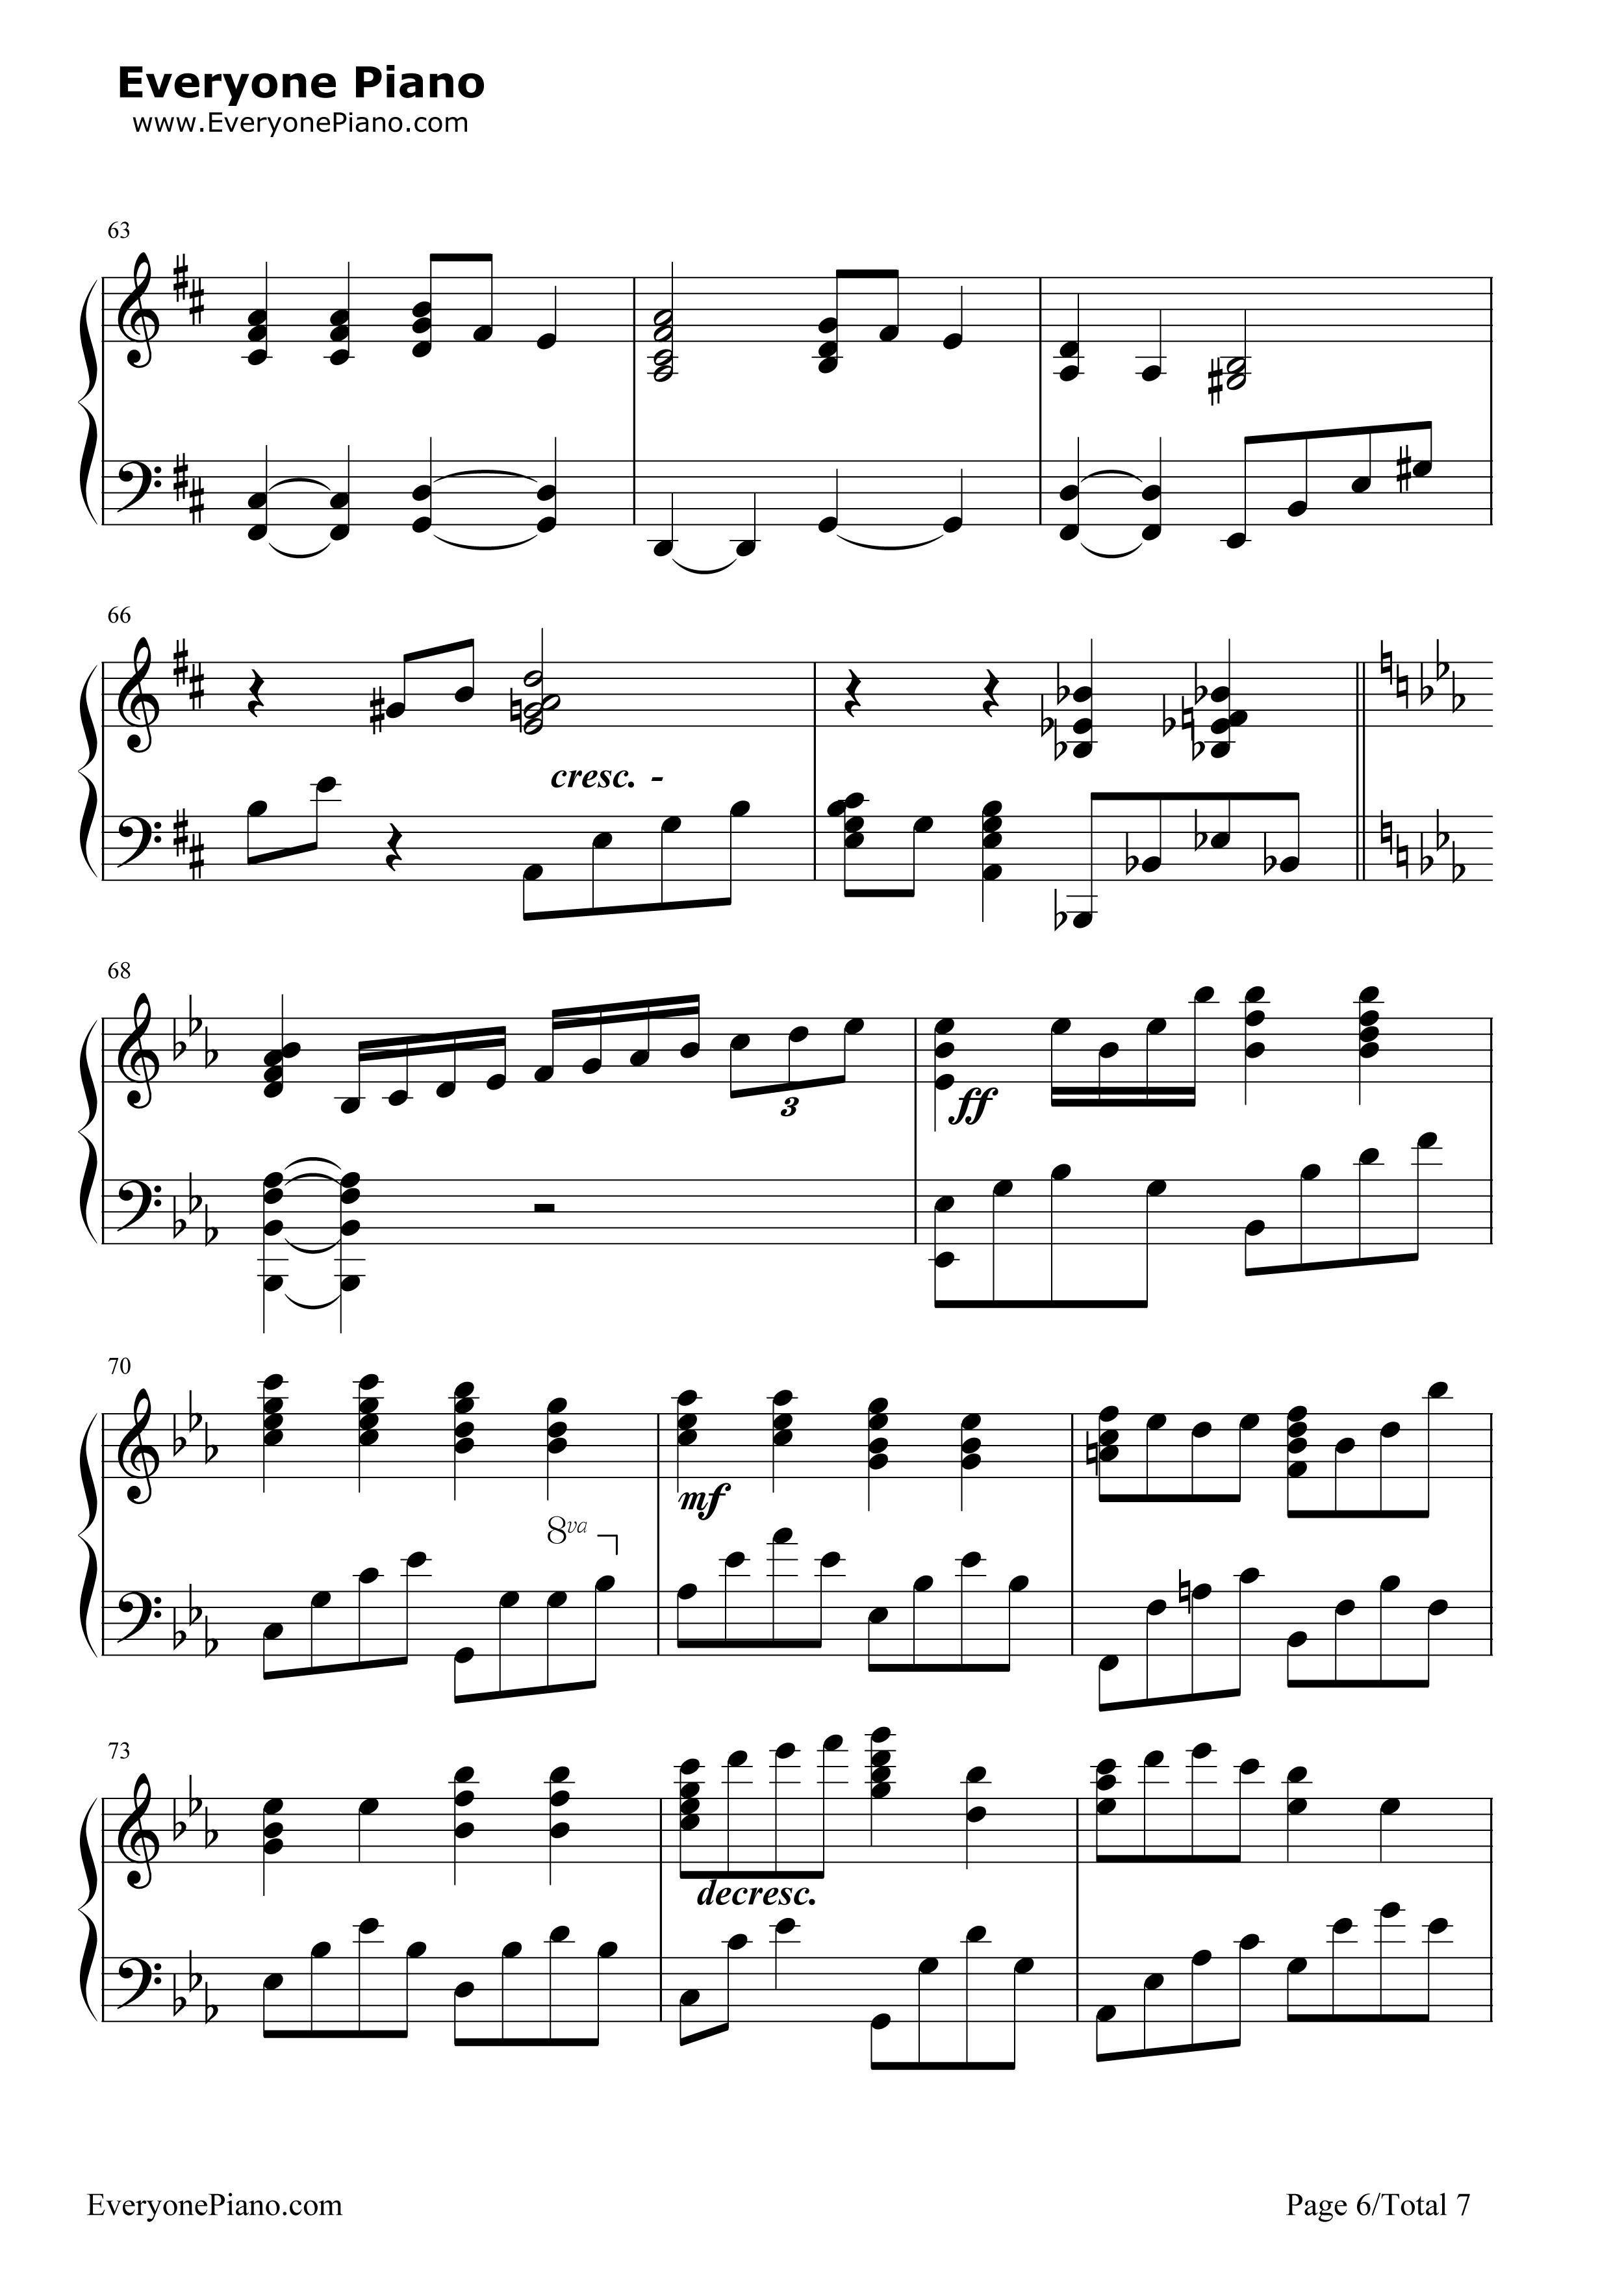 小星星幻想曲-v.k克五线谱预览6-钢琴谱(五线谱,双手)图片